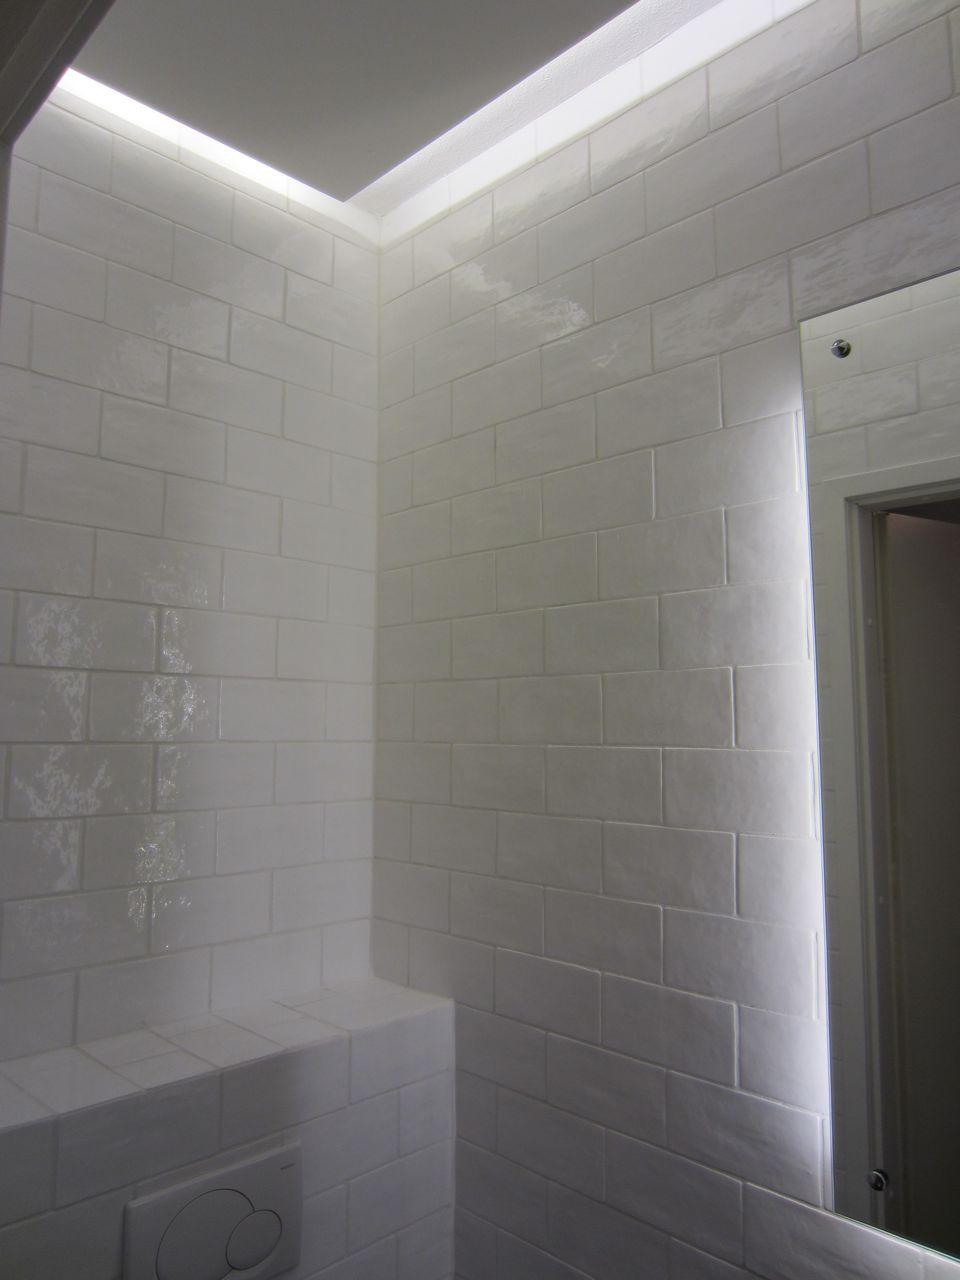 Kapstokken Voor Badkamer ~ Vergelijk goedkope Badkamer plafondlampen uit de nieuwste collectie en